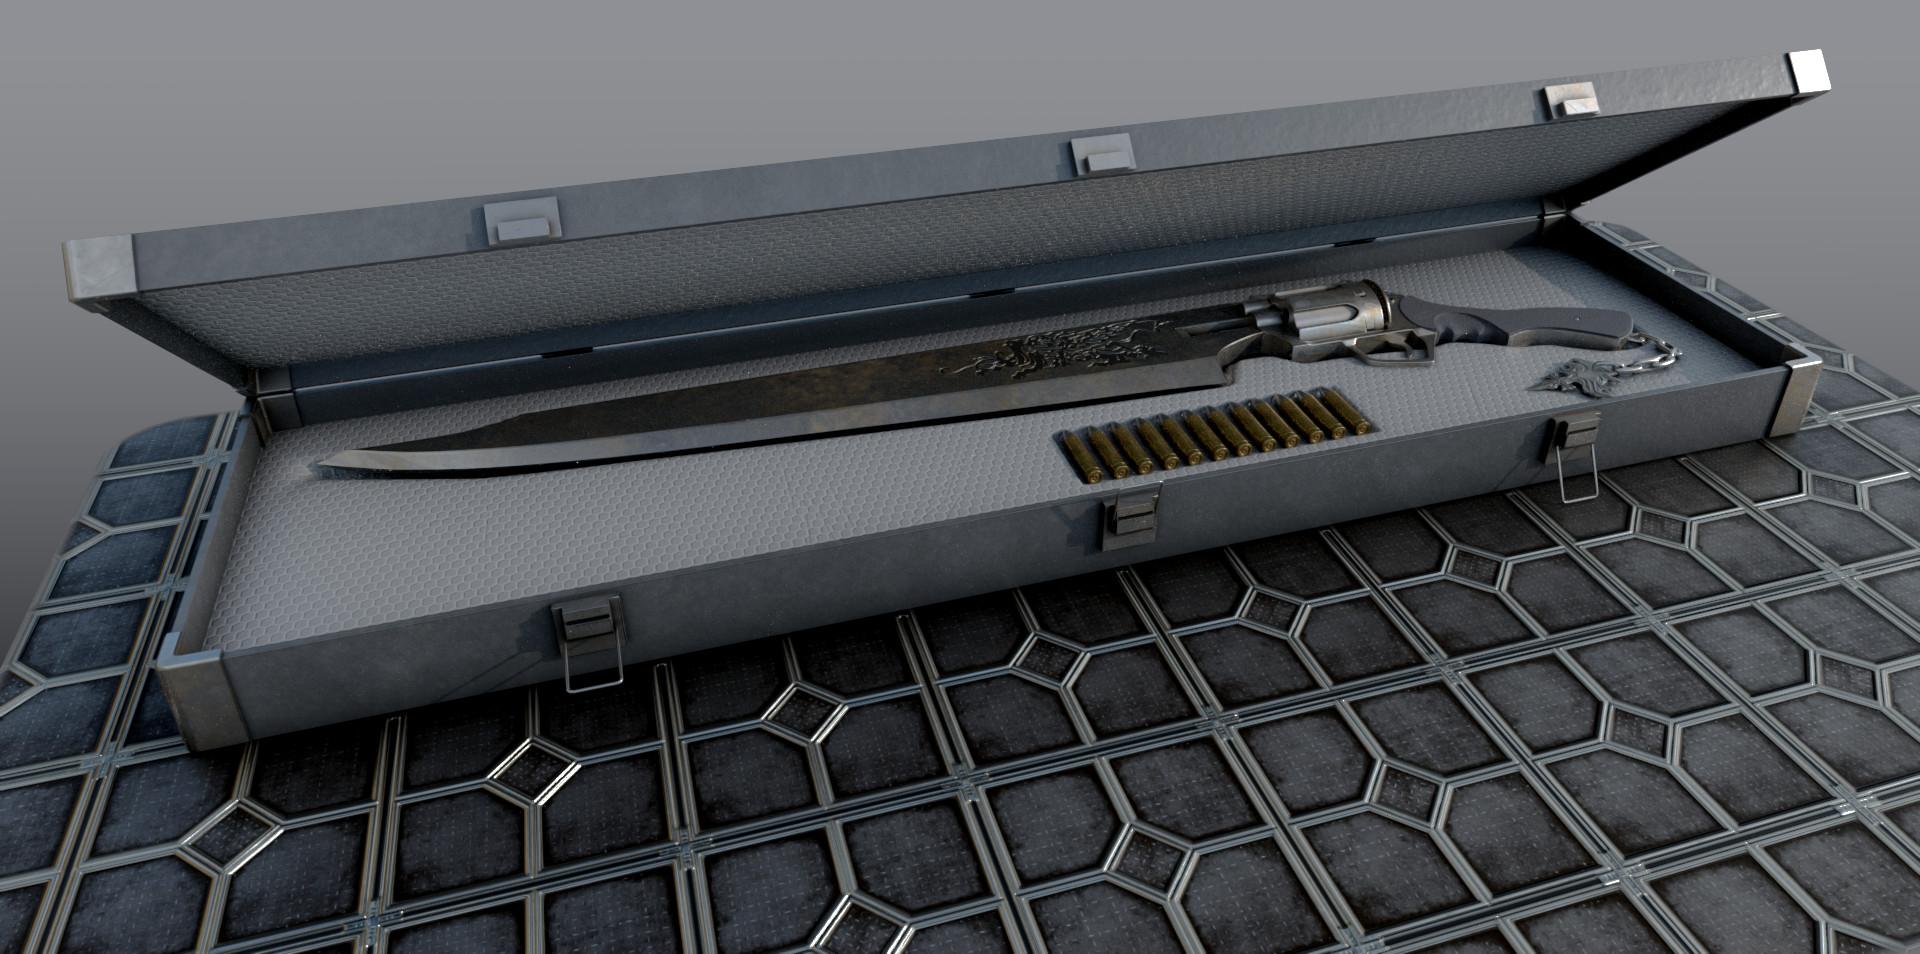 Alex meister gunblade223